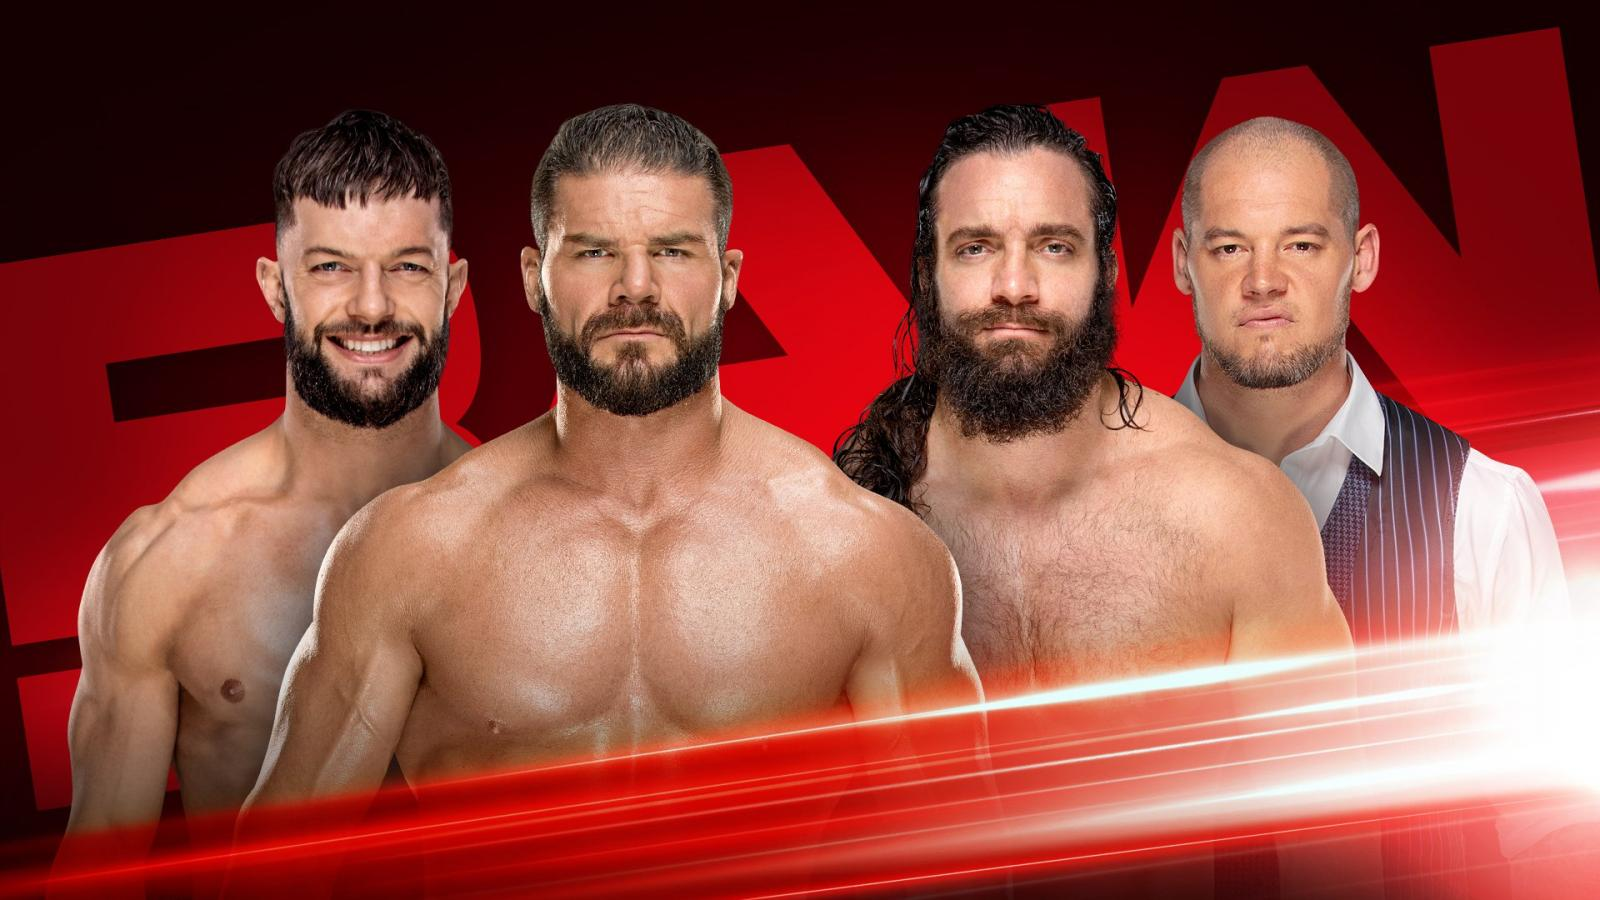 Командный поединок анонсирован на грядущий эфир Raw